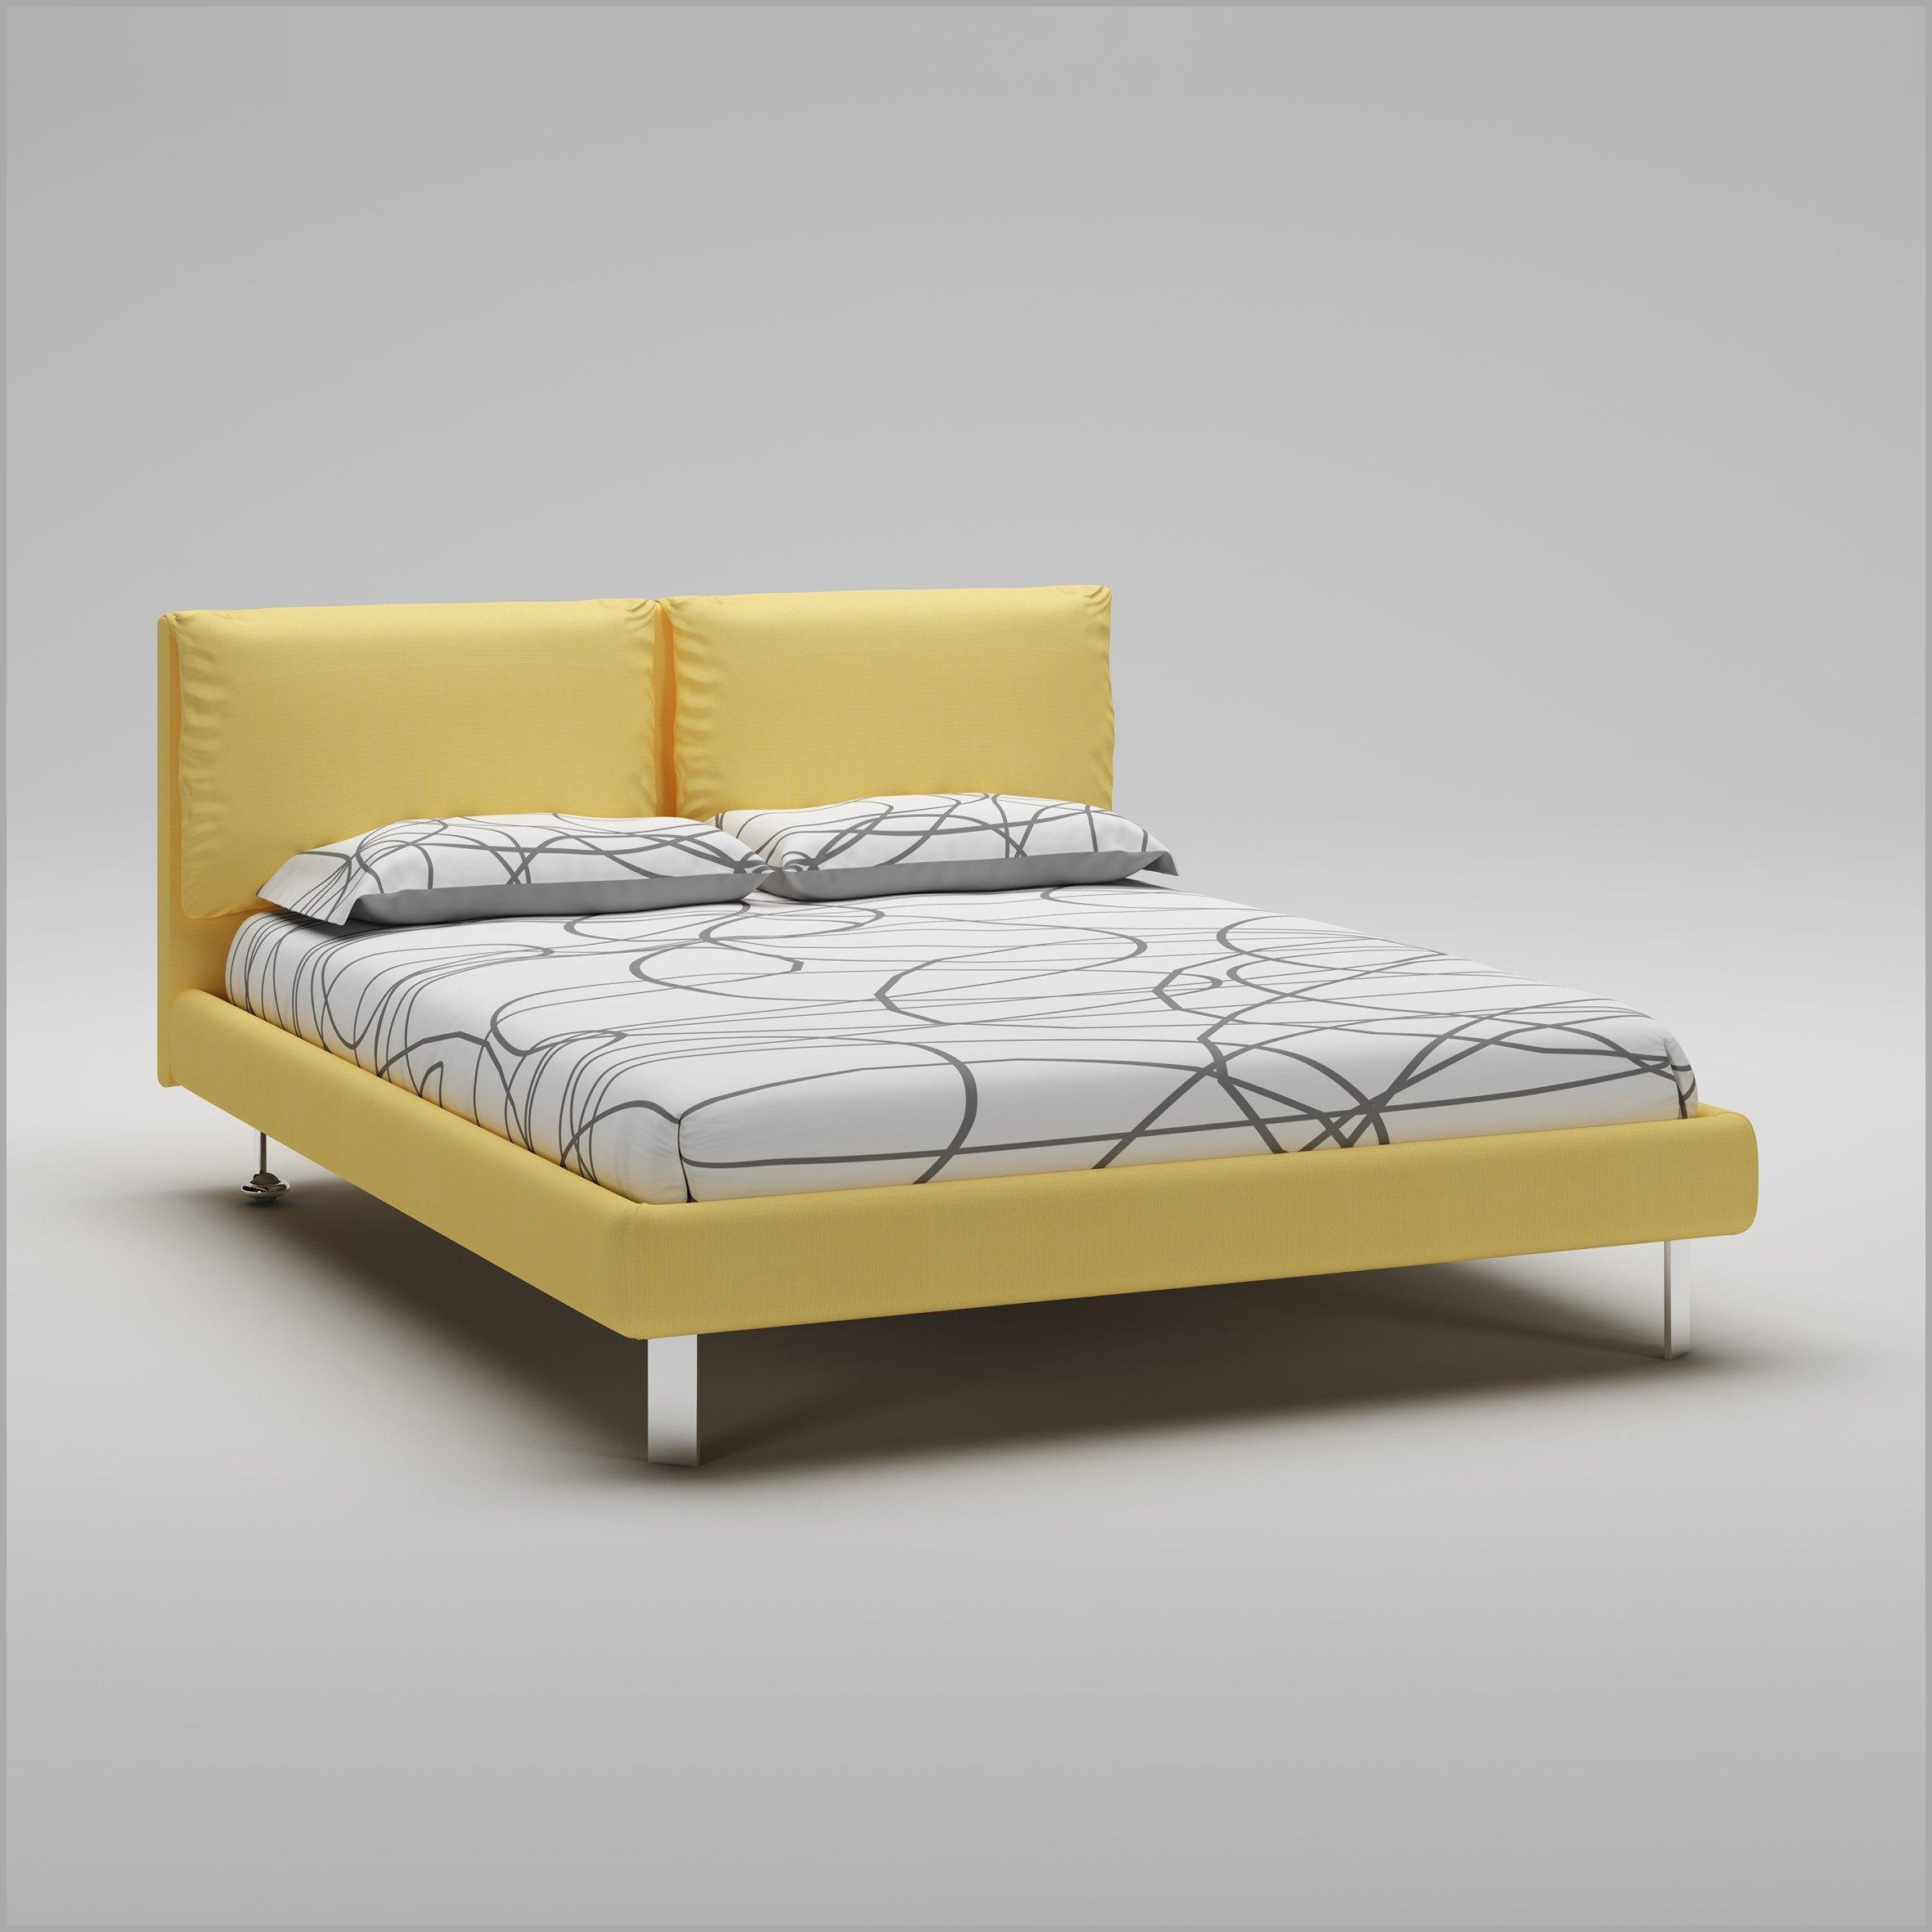 Lit 160×200 Tiroir Nouveau Lit Metal 160×200 Lit A Tiroir Ikea Cadre De Lit Trysil Jugendbett